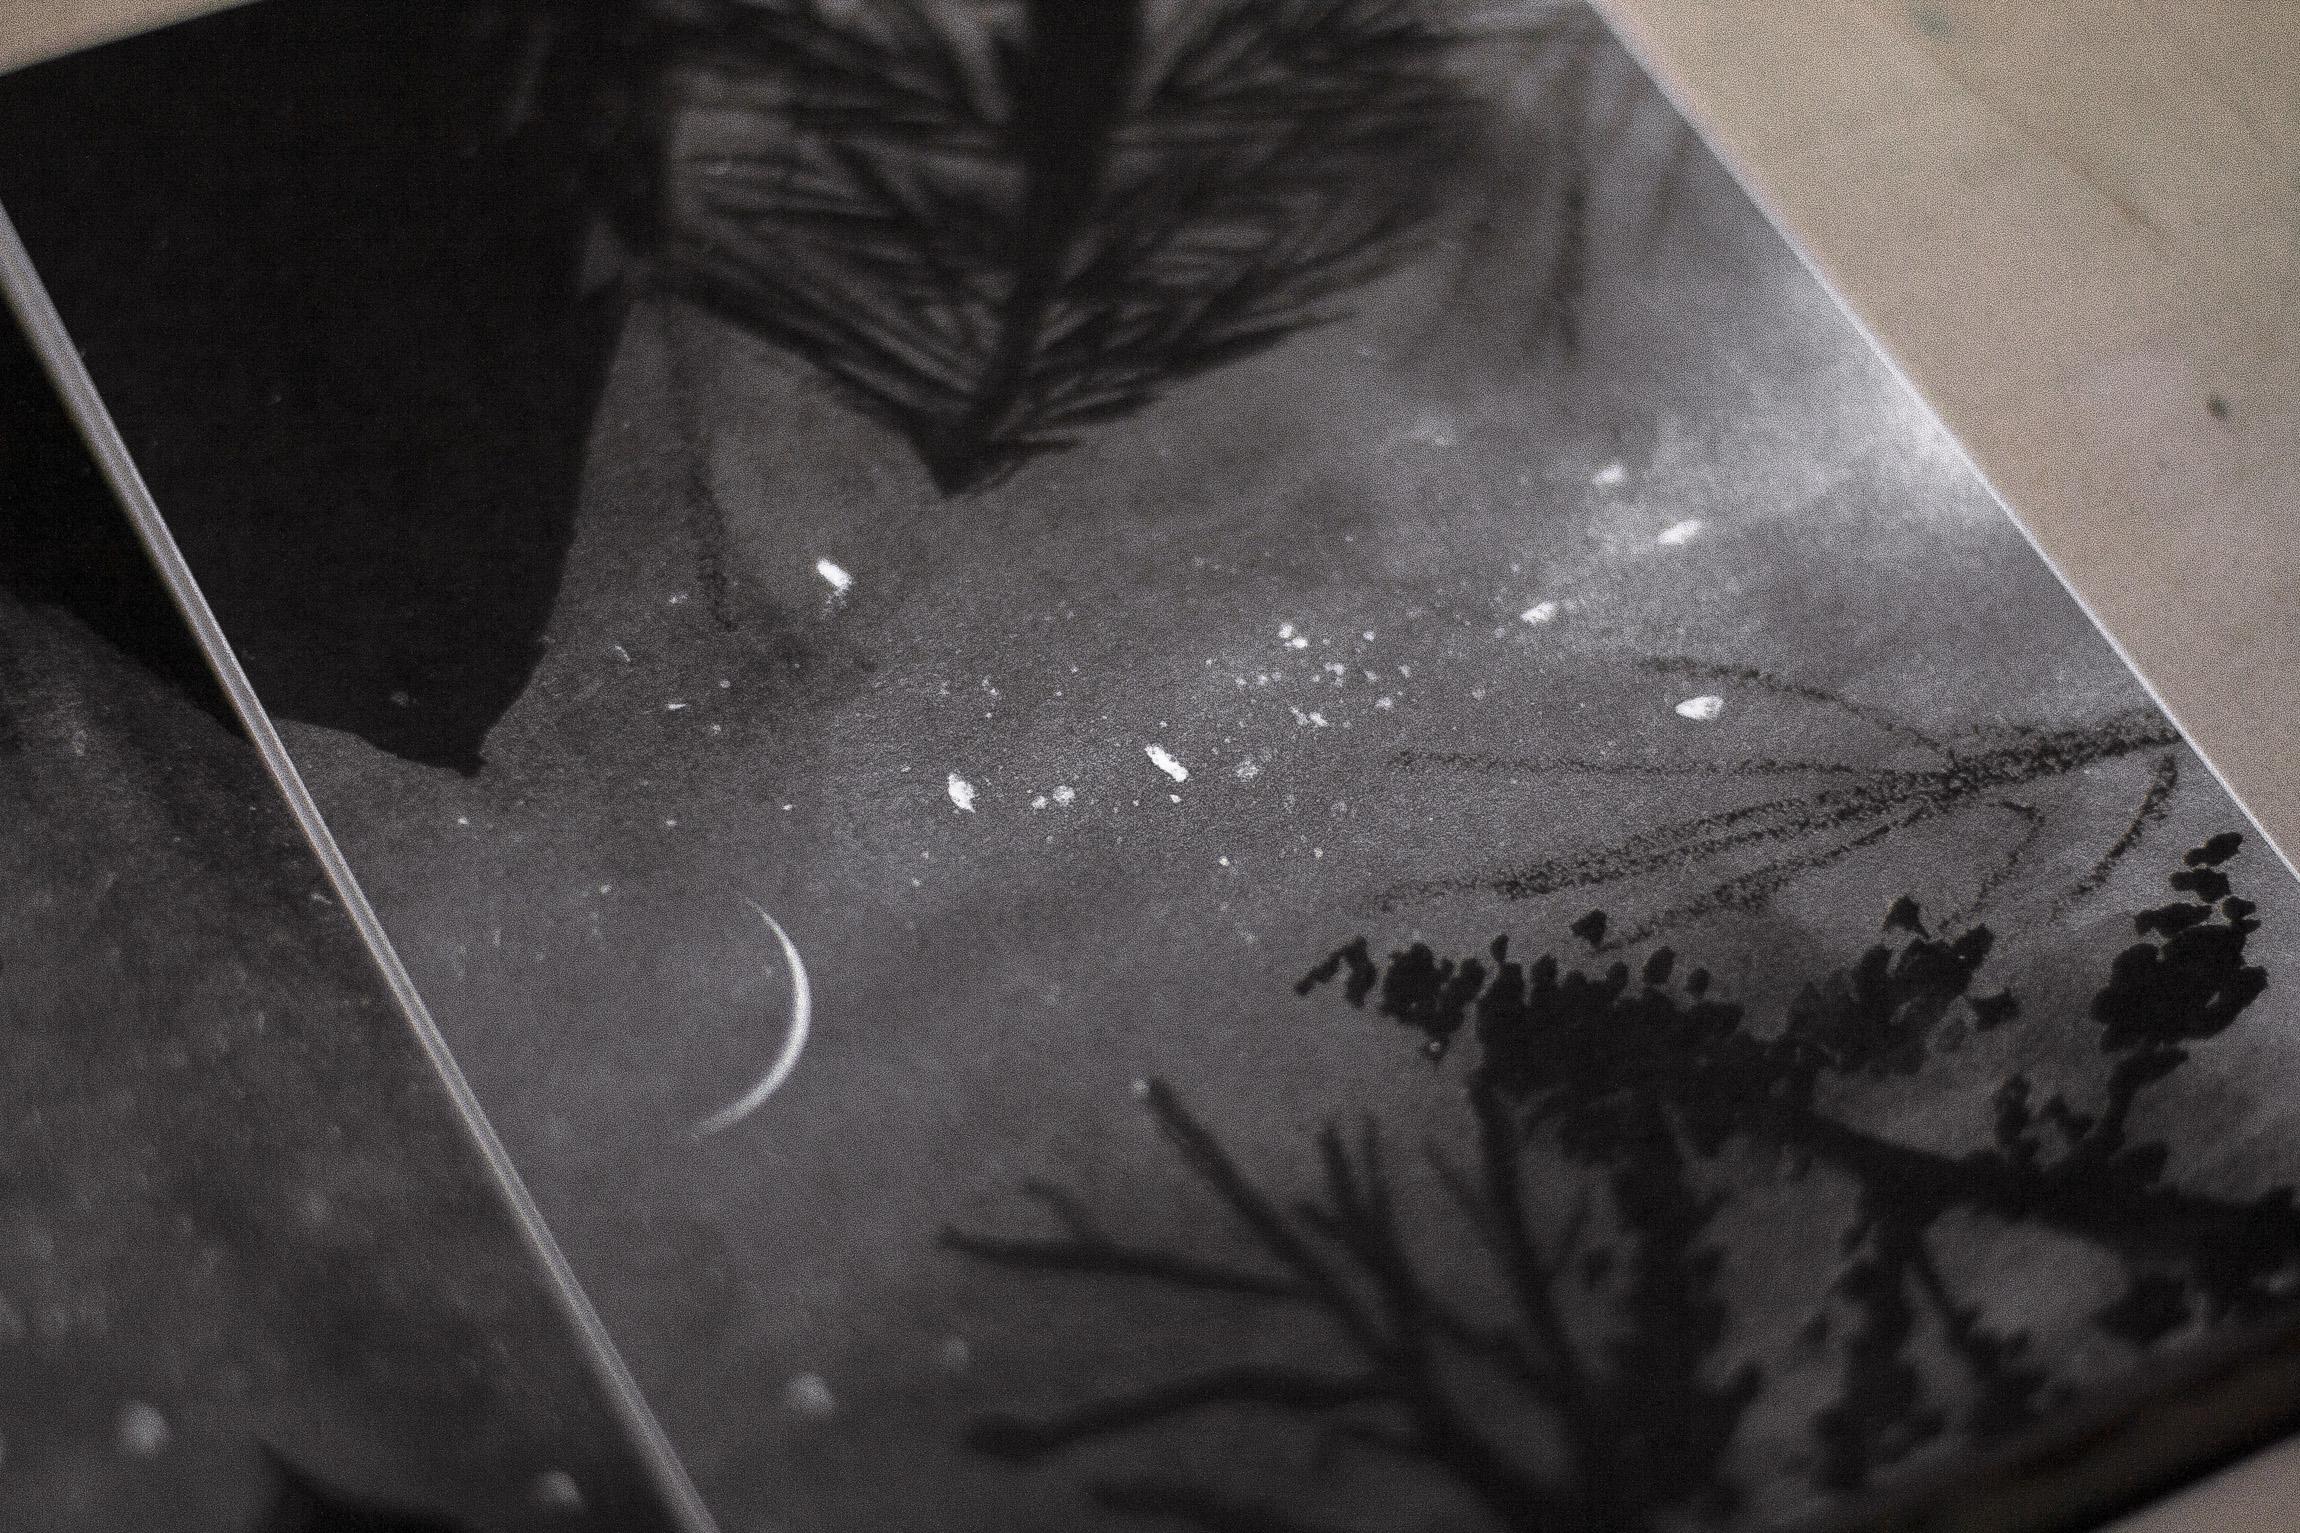 Páginas interiores de la agenda Bosque - impresión ecológica